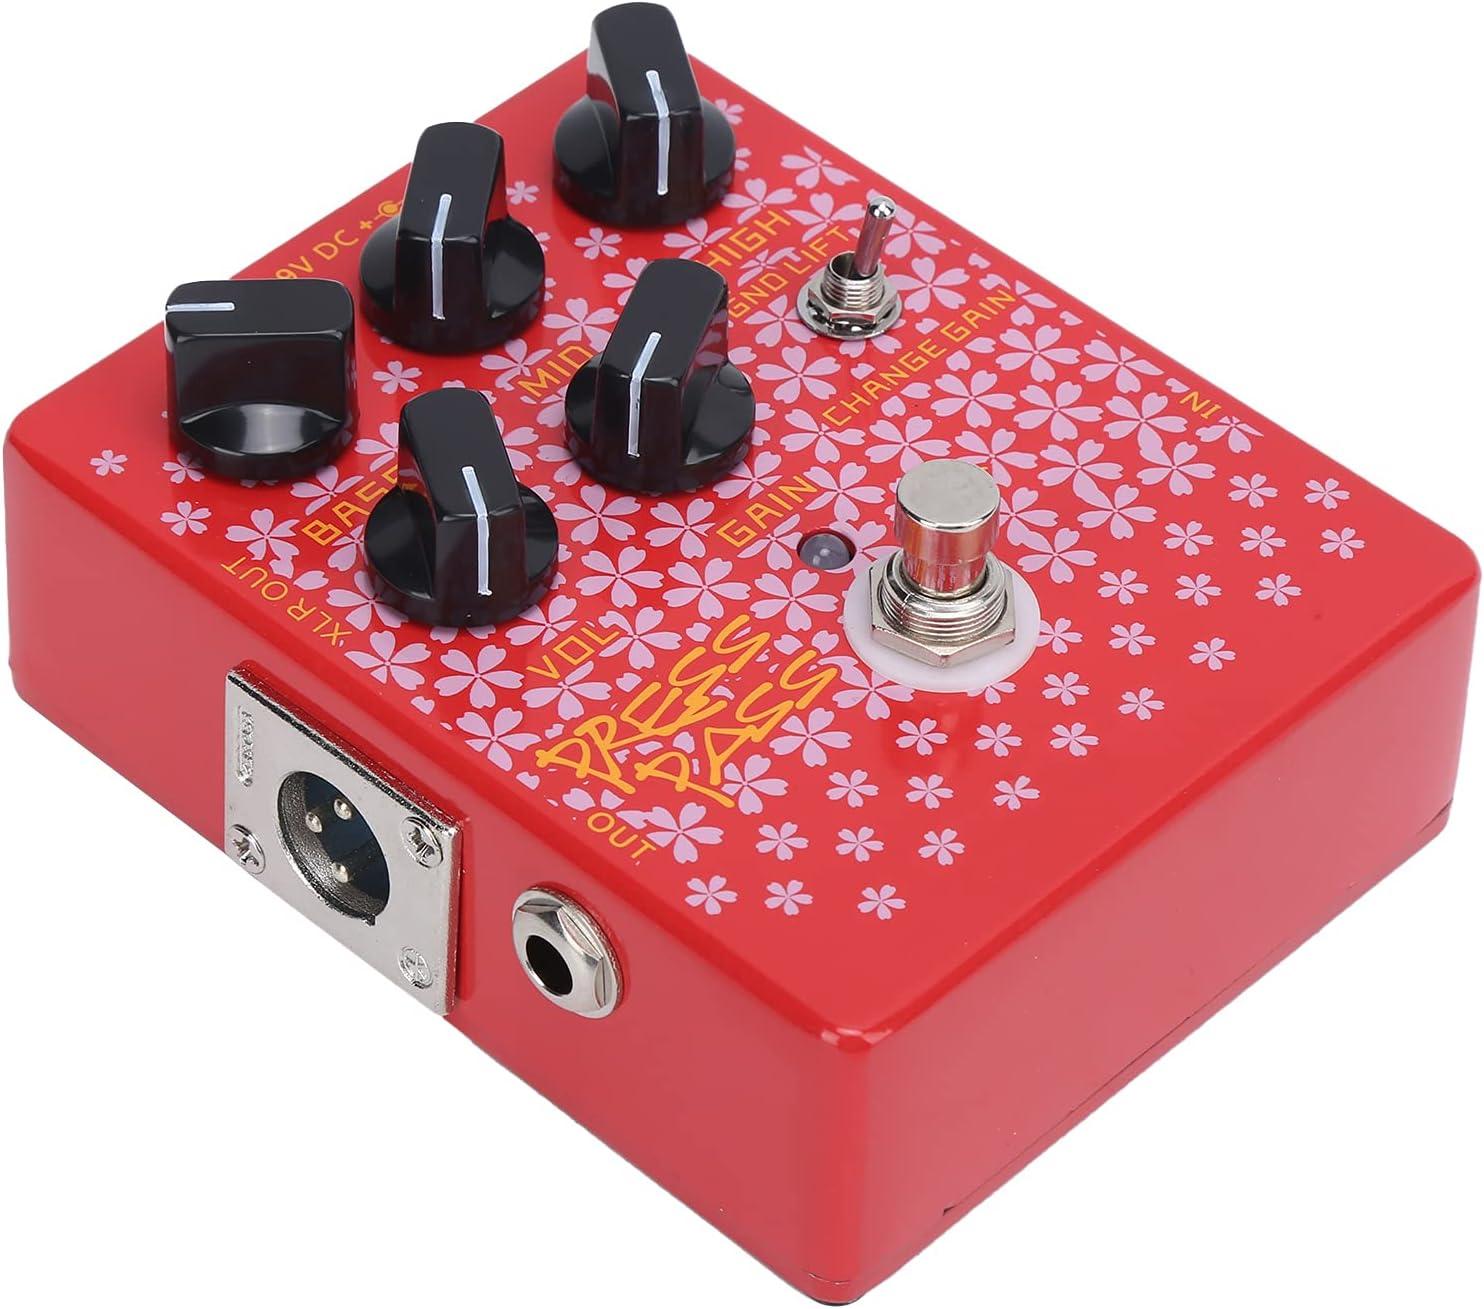 Pedal de efectos para bajo, accesorios para instrumentos Pedal de efectos para bajo Pedal de efectos de salida XLR de excelente rendimiento para amantes de la guitarra para guitarristas